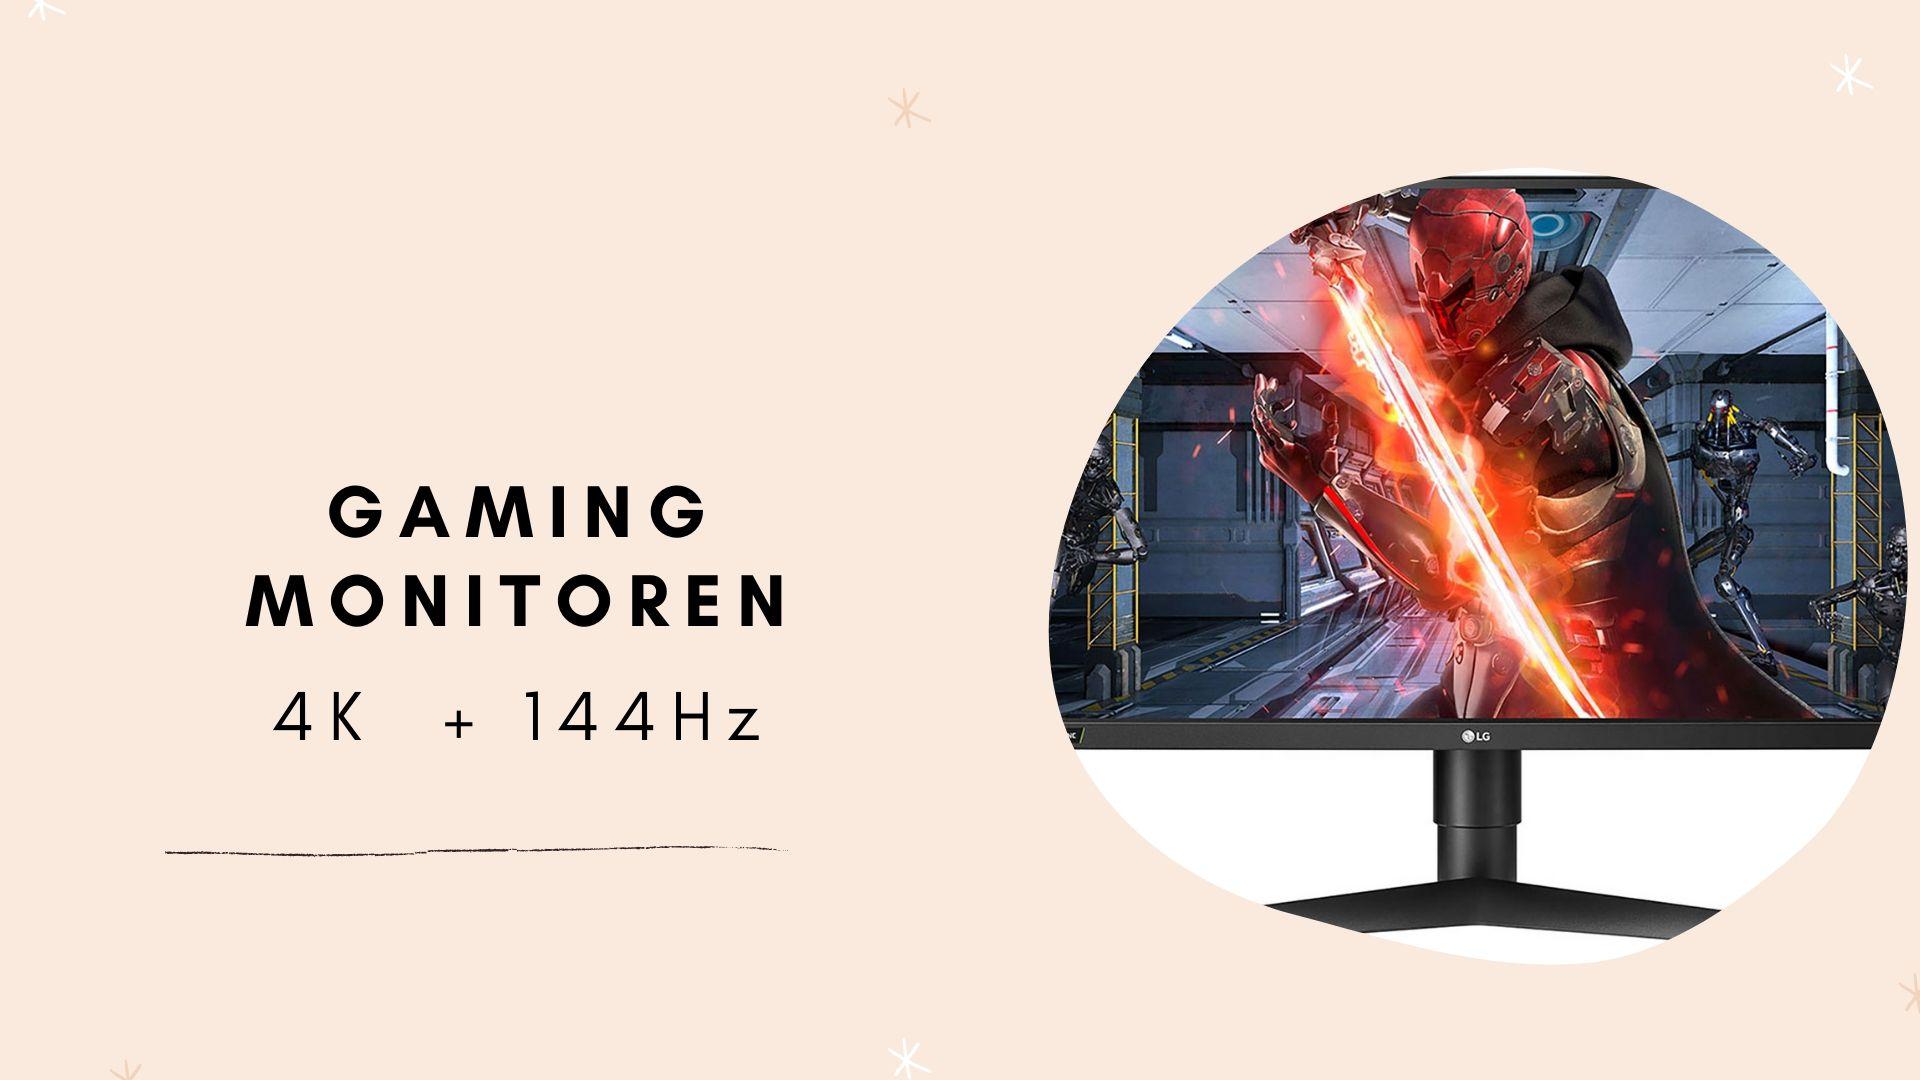 Gaming monitor 4k met 144hz